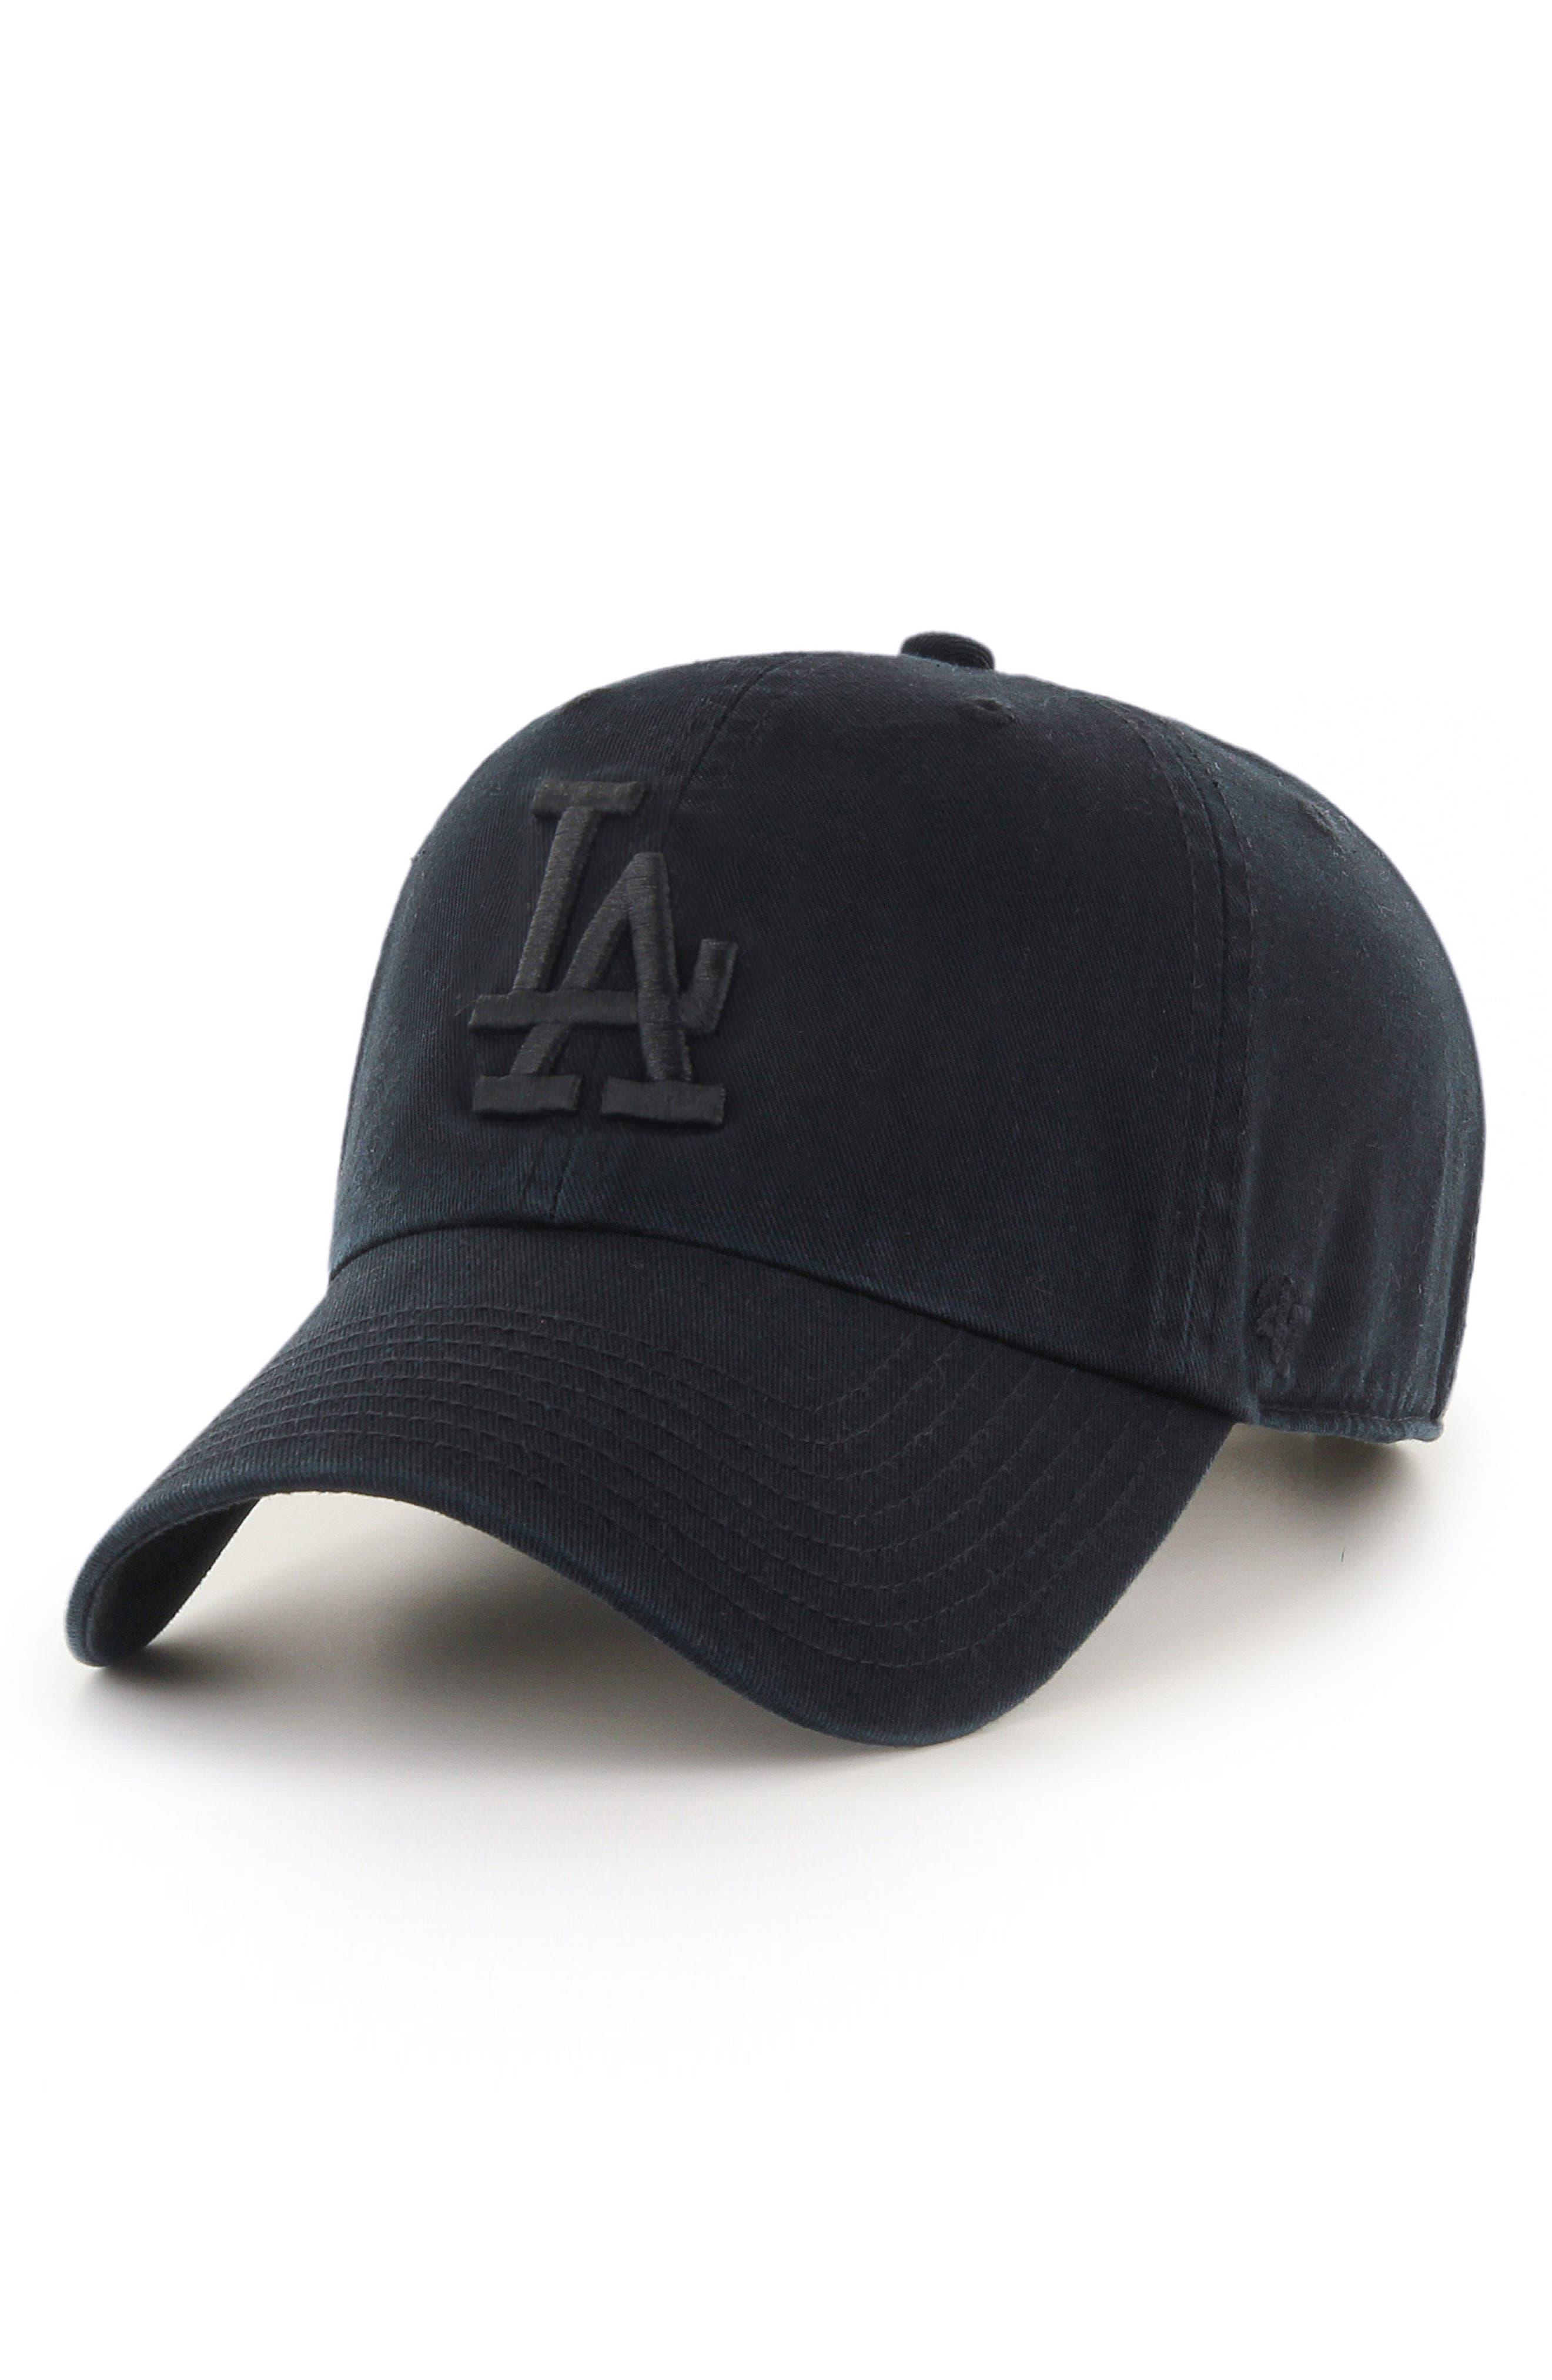 Clean UP LA Dodgers Baseball Cap,                             Main thumbnail 1, color,                             001